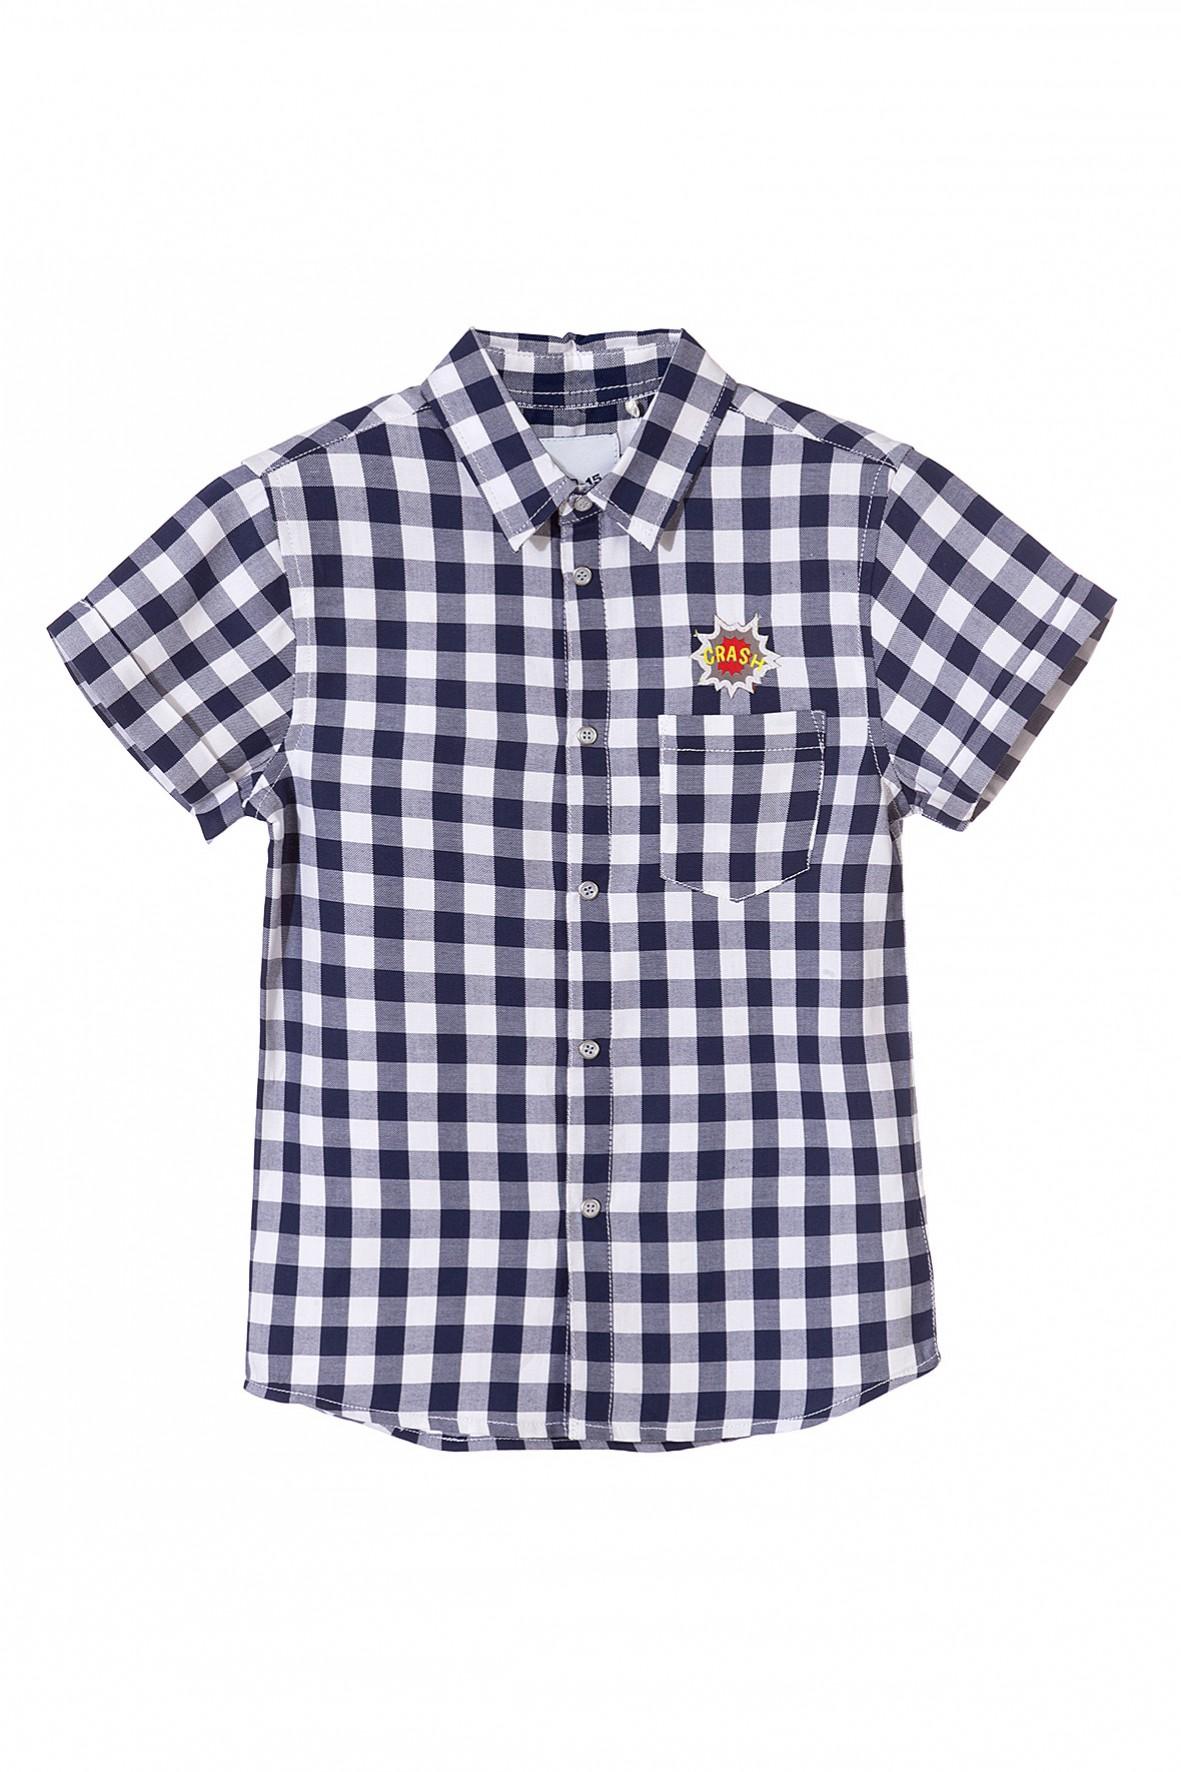 Koszula chłopięca w biało-granatową kratę